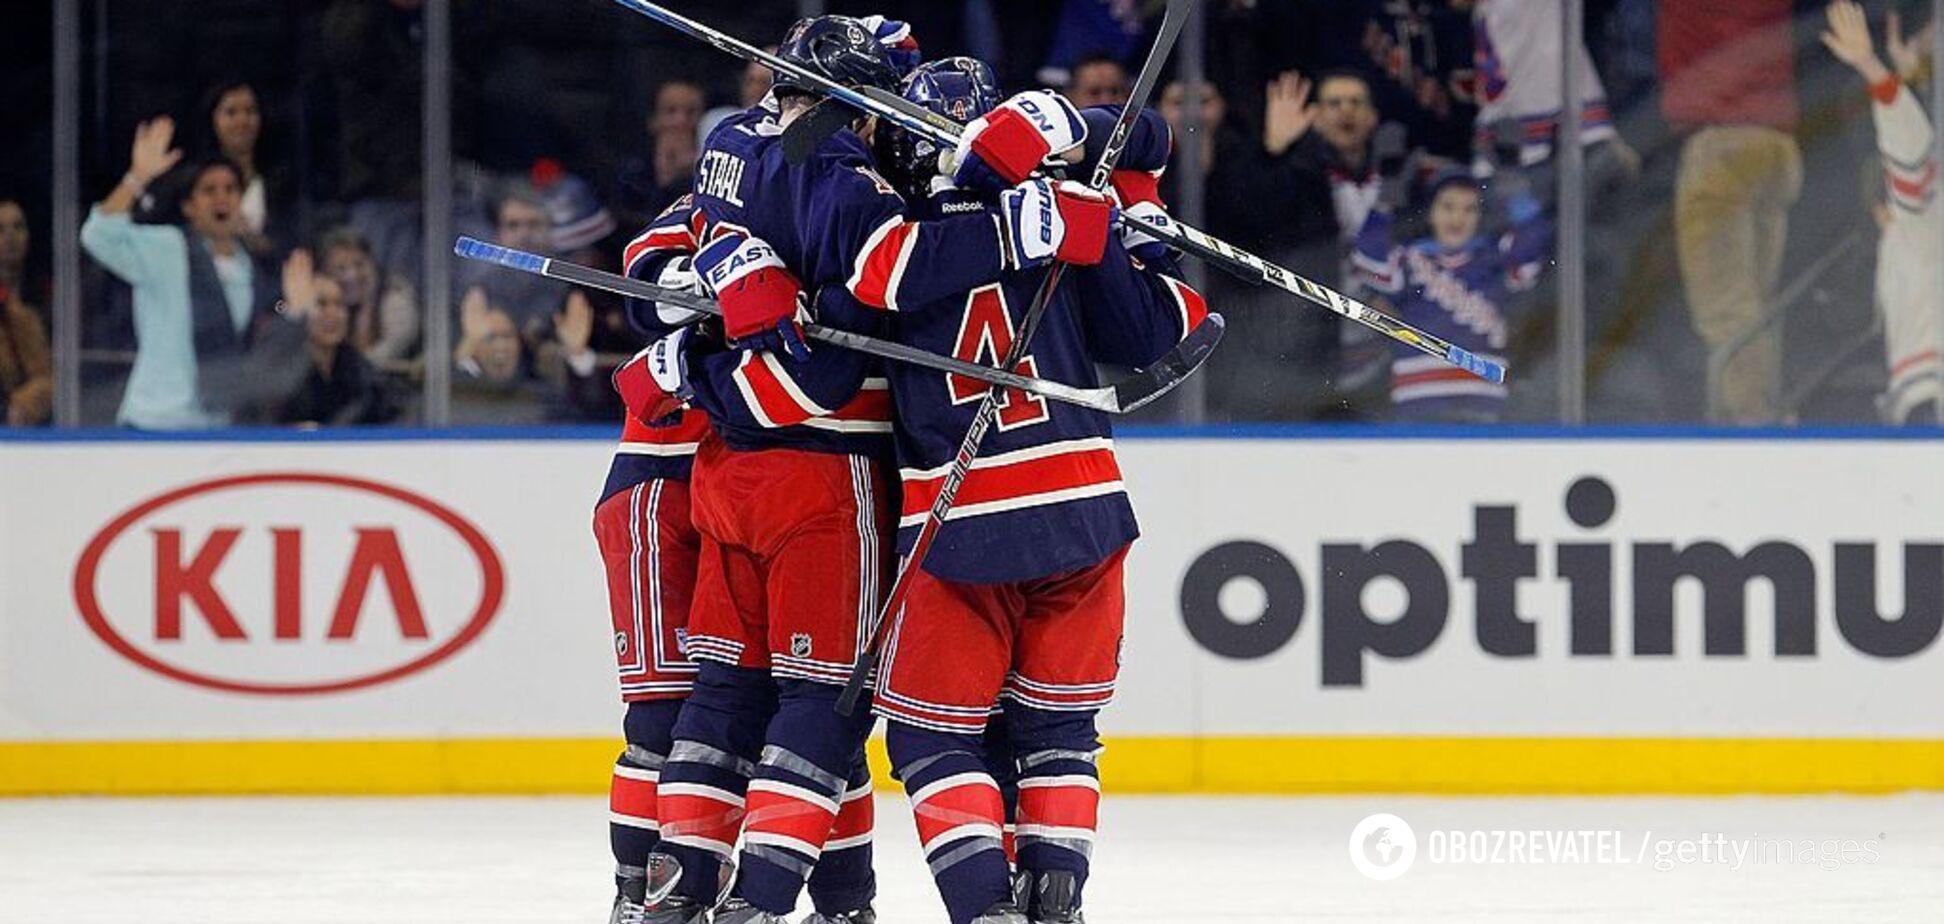 Хоккеисты 'Нью-Йорк Рейнджерс' празднуют забитую шайбу